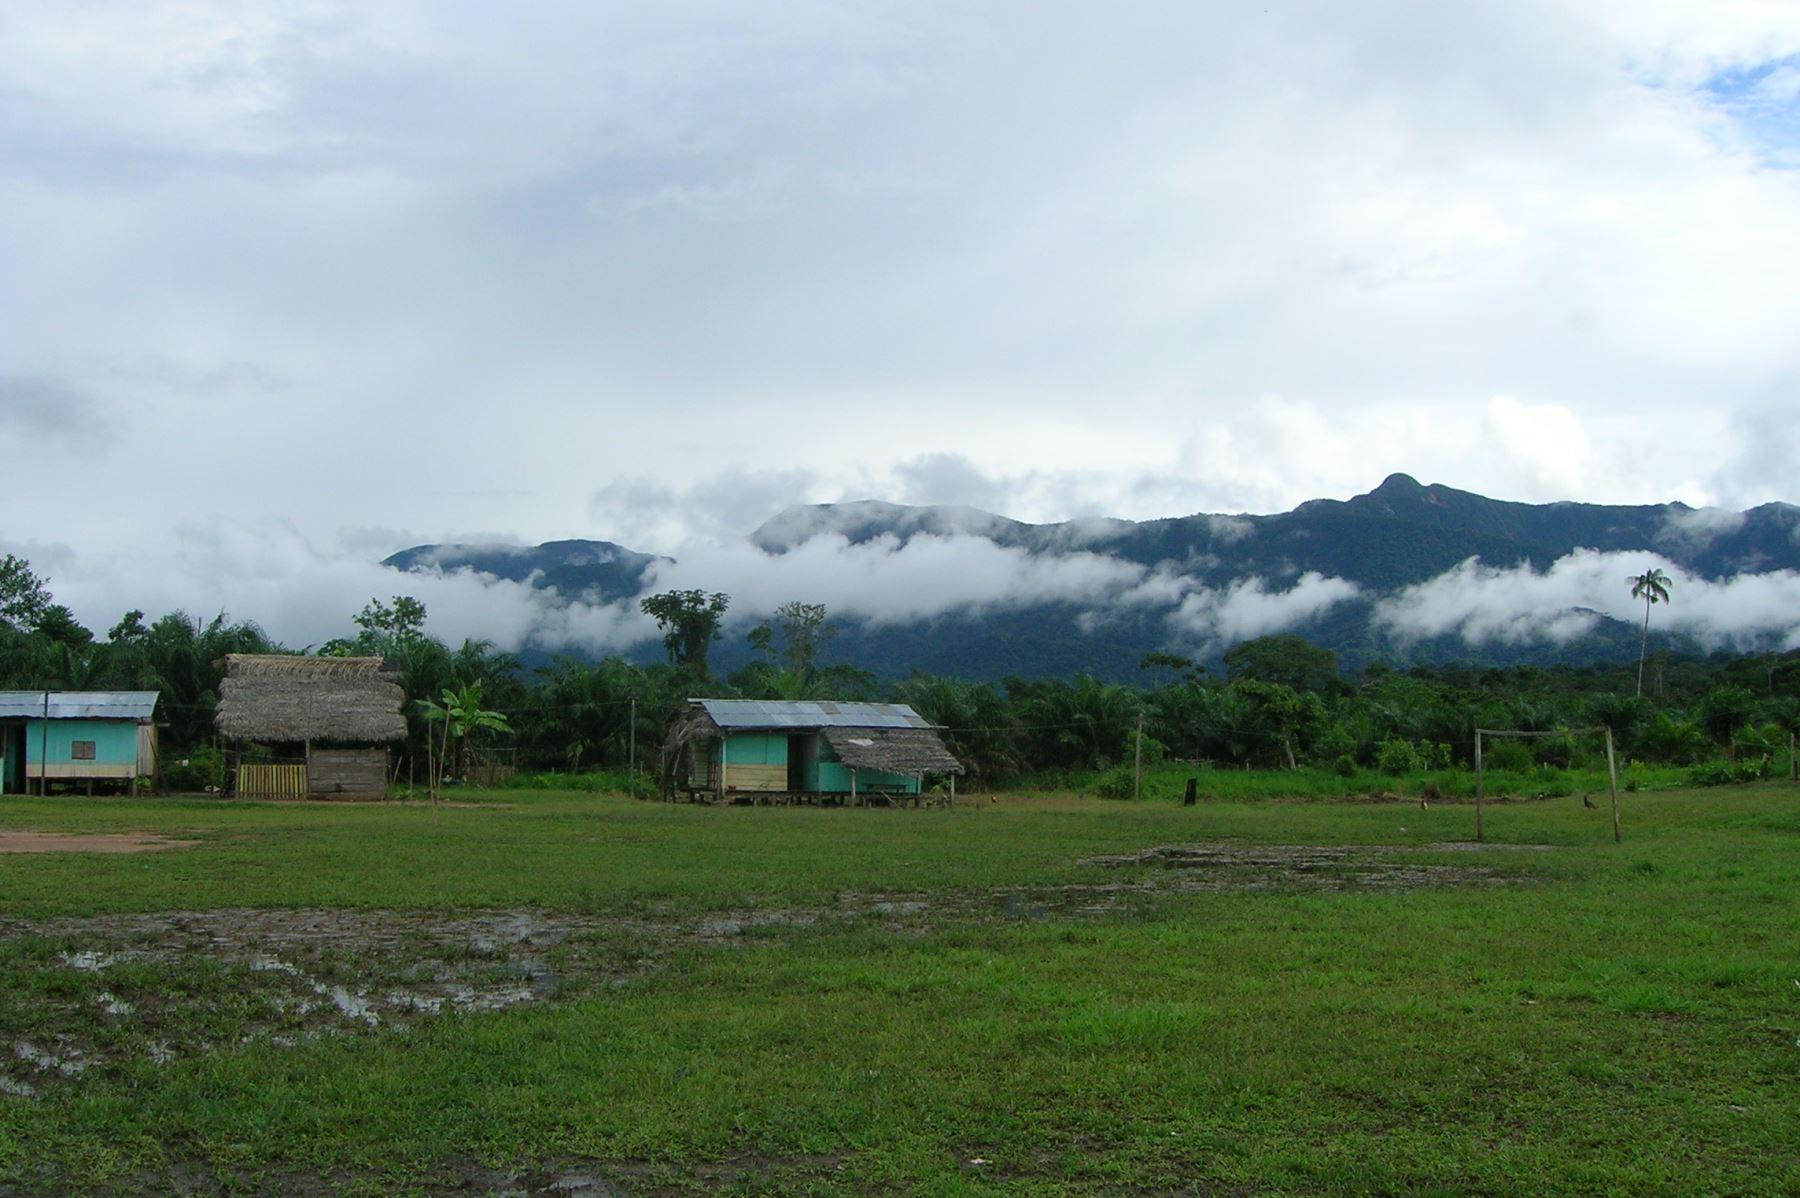 Los pobladores de las tierras indígenas y de las áreas naturales protegidas de Perú han actuado como un sumidero neto de carbono.